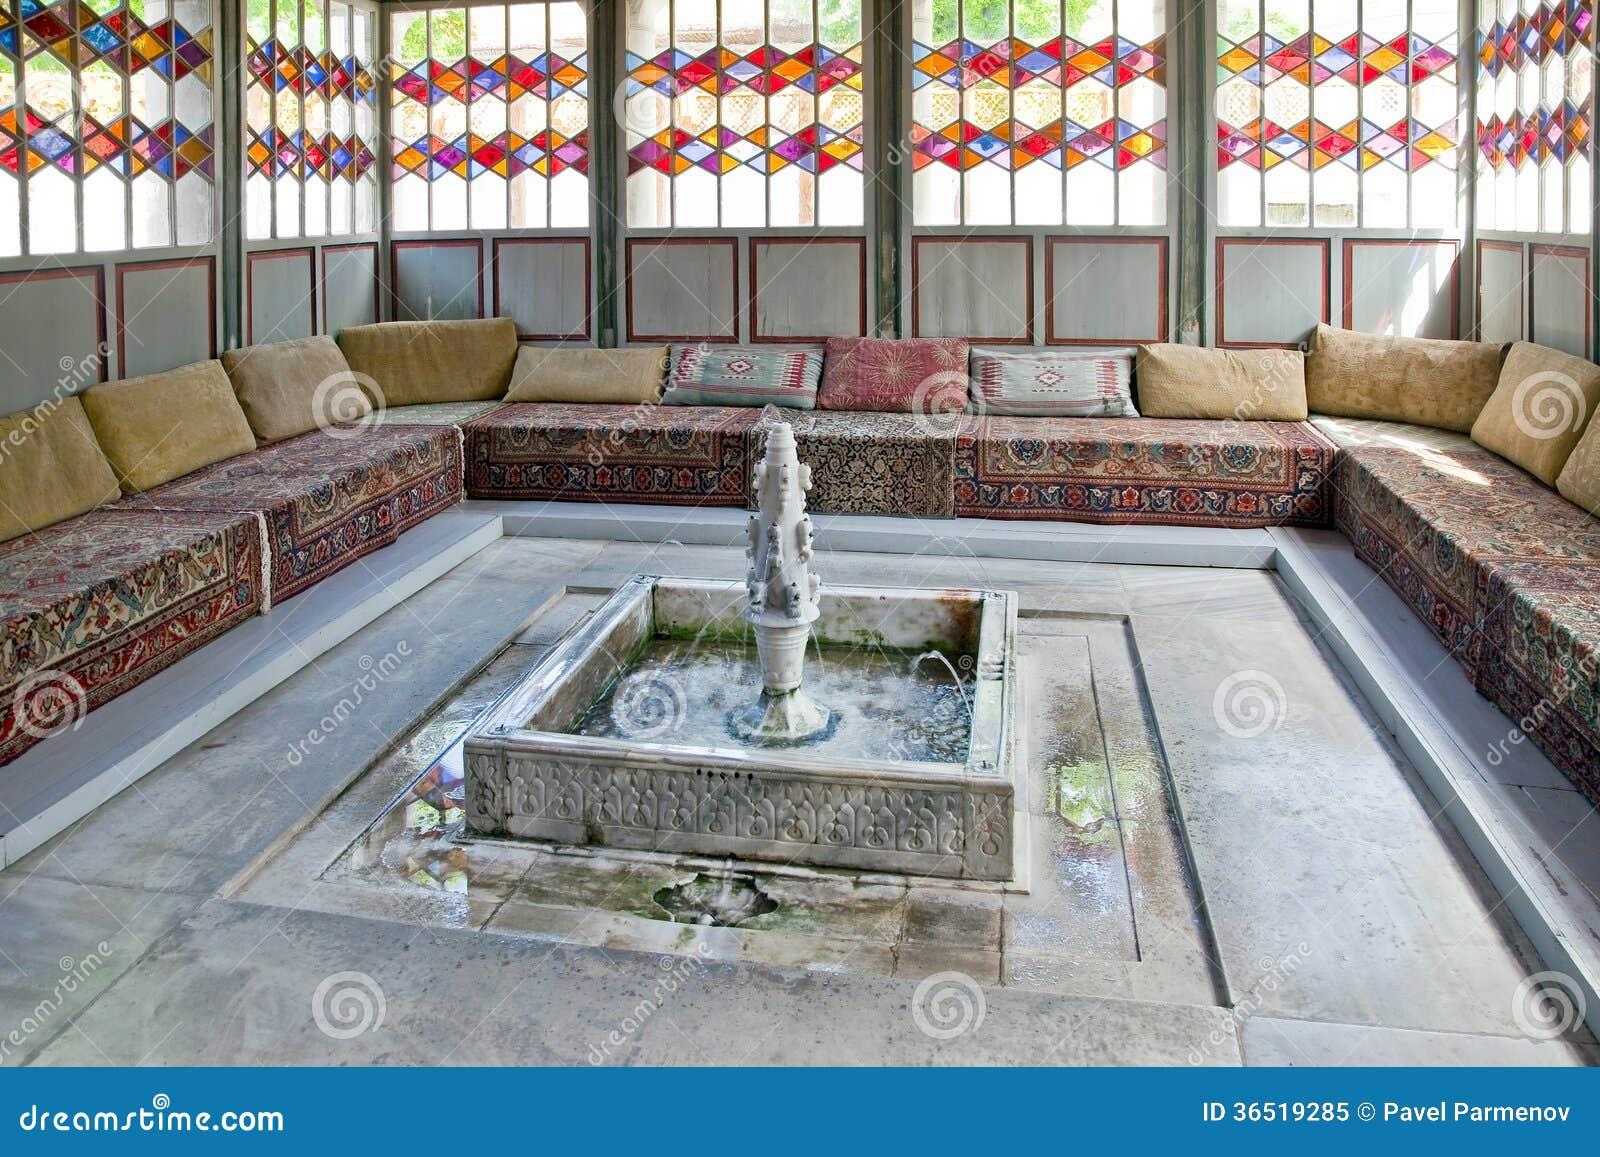 Palais de Bakhchisaray, hall des réunions. Divan